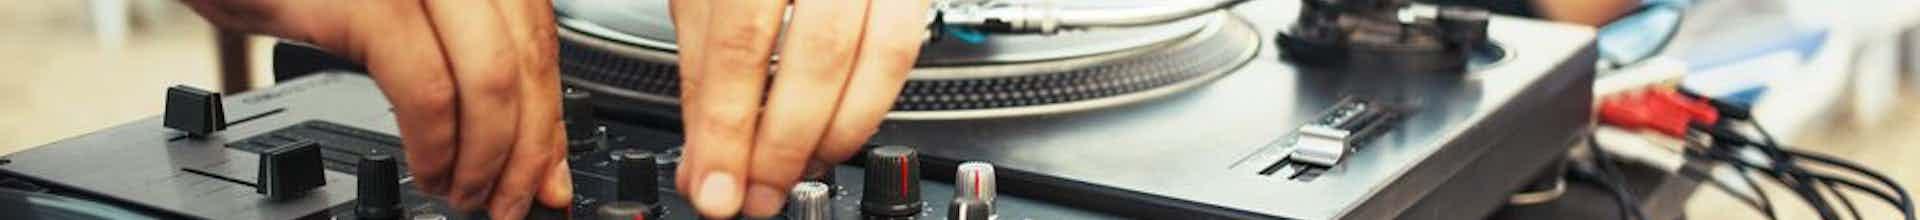 dj-mixer-draaitafel-strandfeest-2.jpg